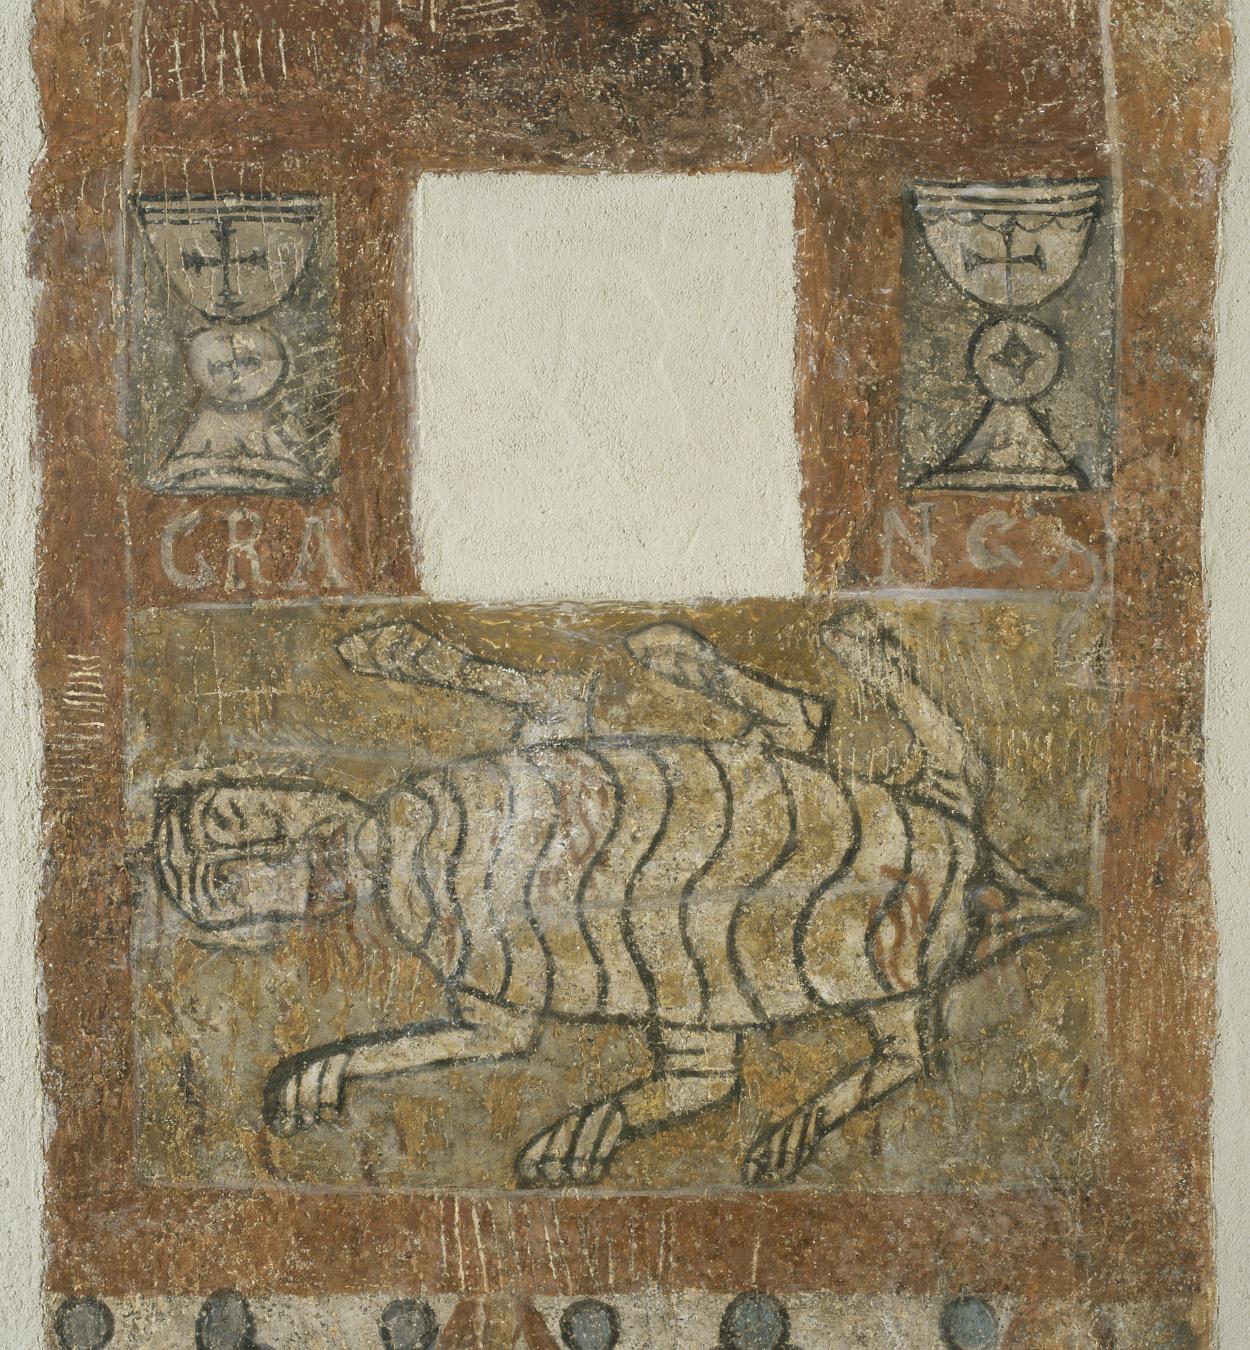 Tercer Mestre de Sorpe - Sant Pastor i el símbol zodiacal de Càncer de Sorpe - Mitjan segle XII [4]